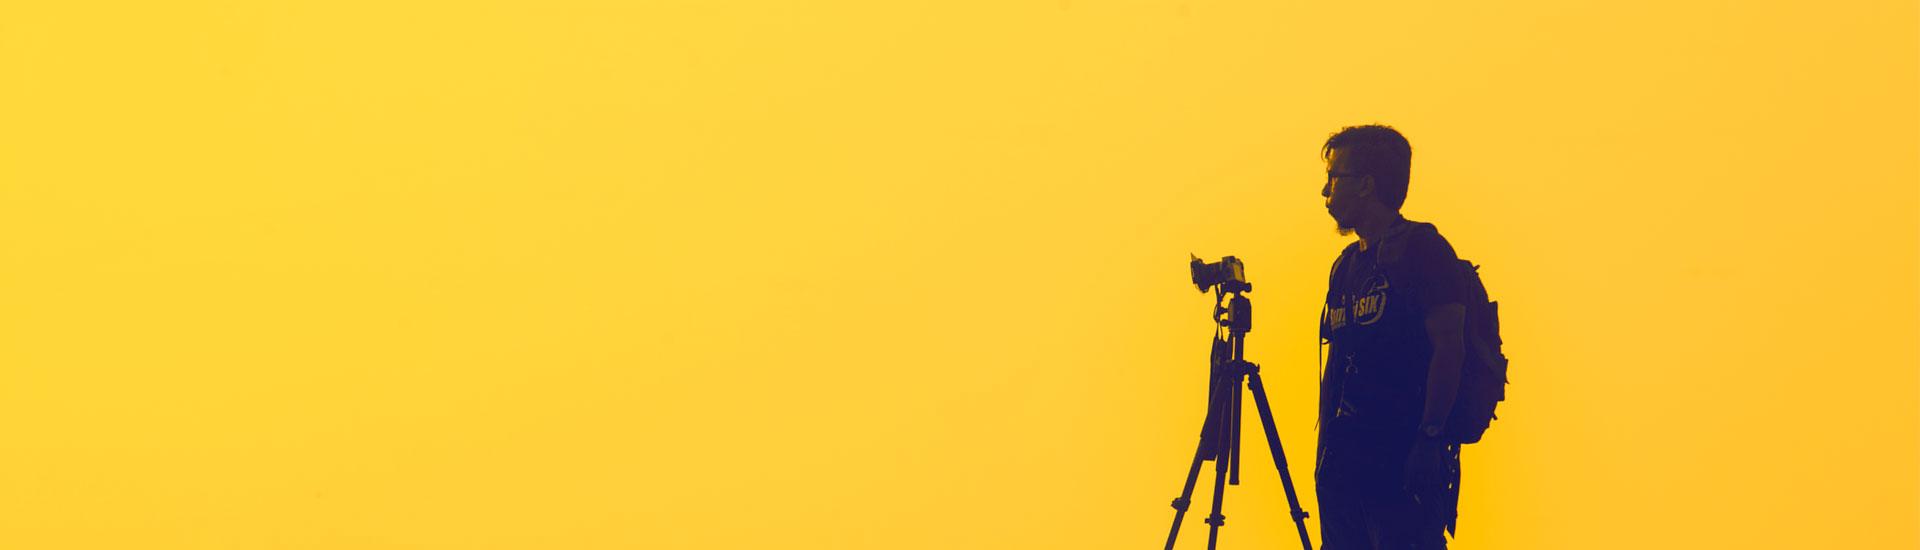 10 bancos de imagens gratuitos